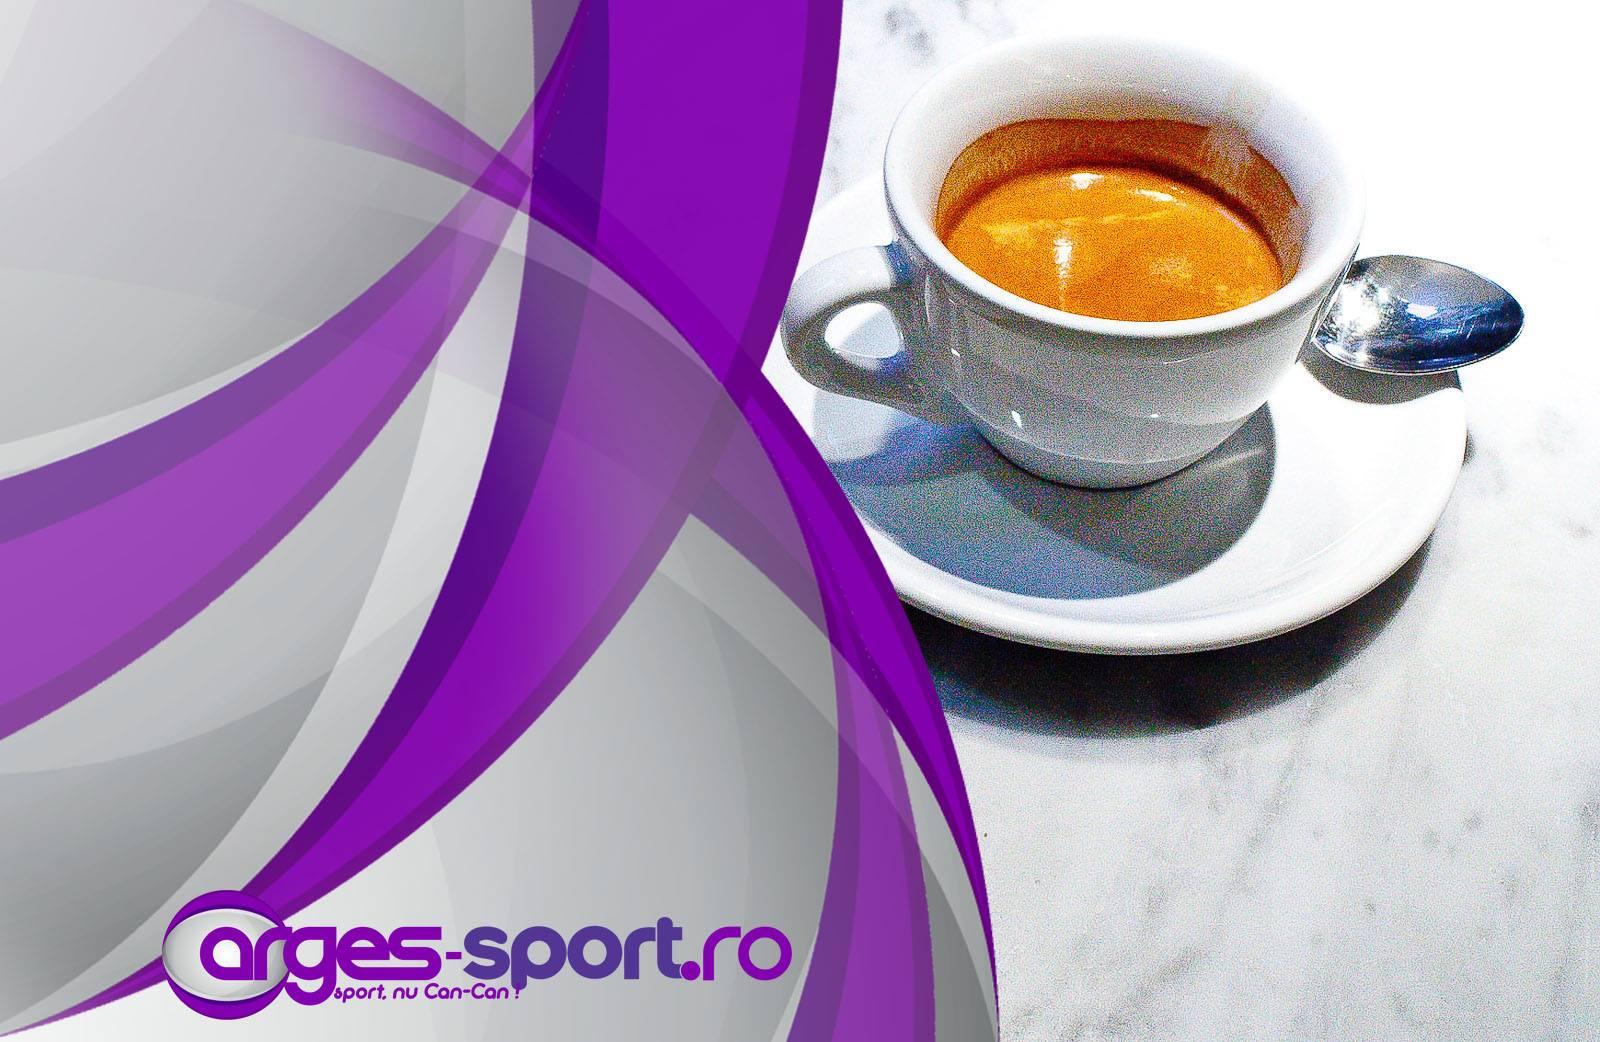 Argeș Sport a avut peste 100.000 de vizite în anul 2019! Vă mulțumim!